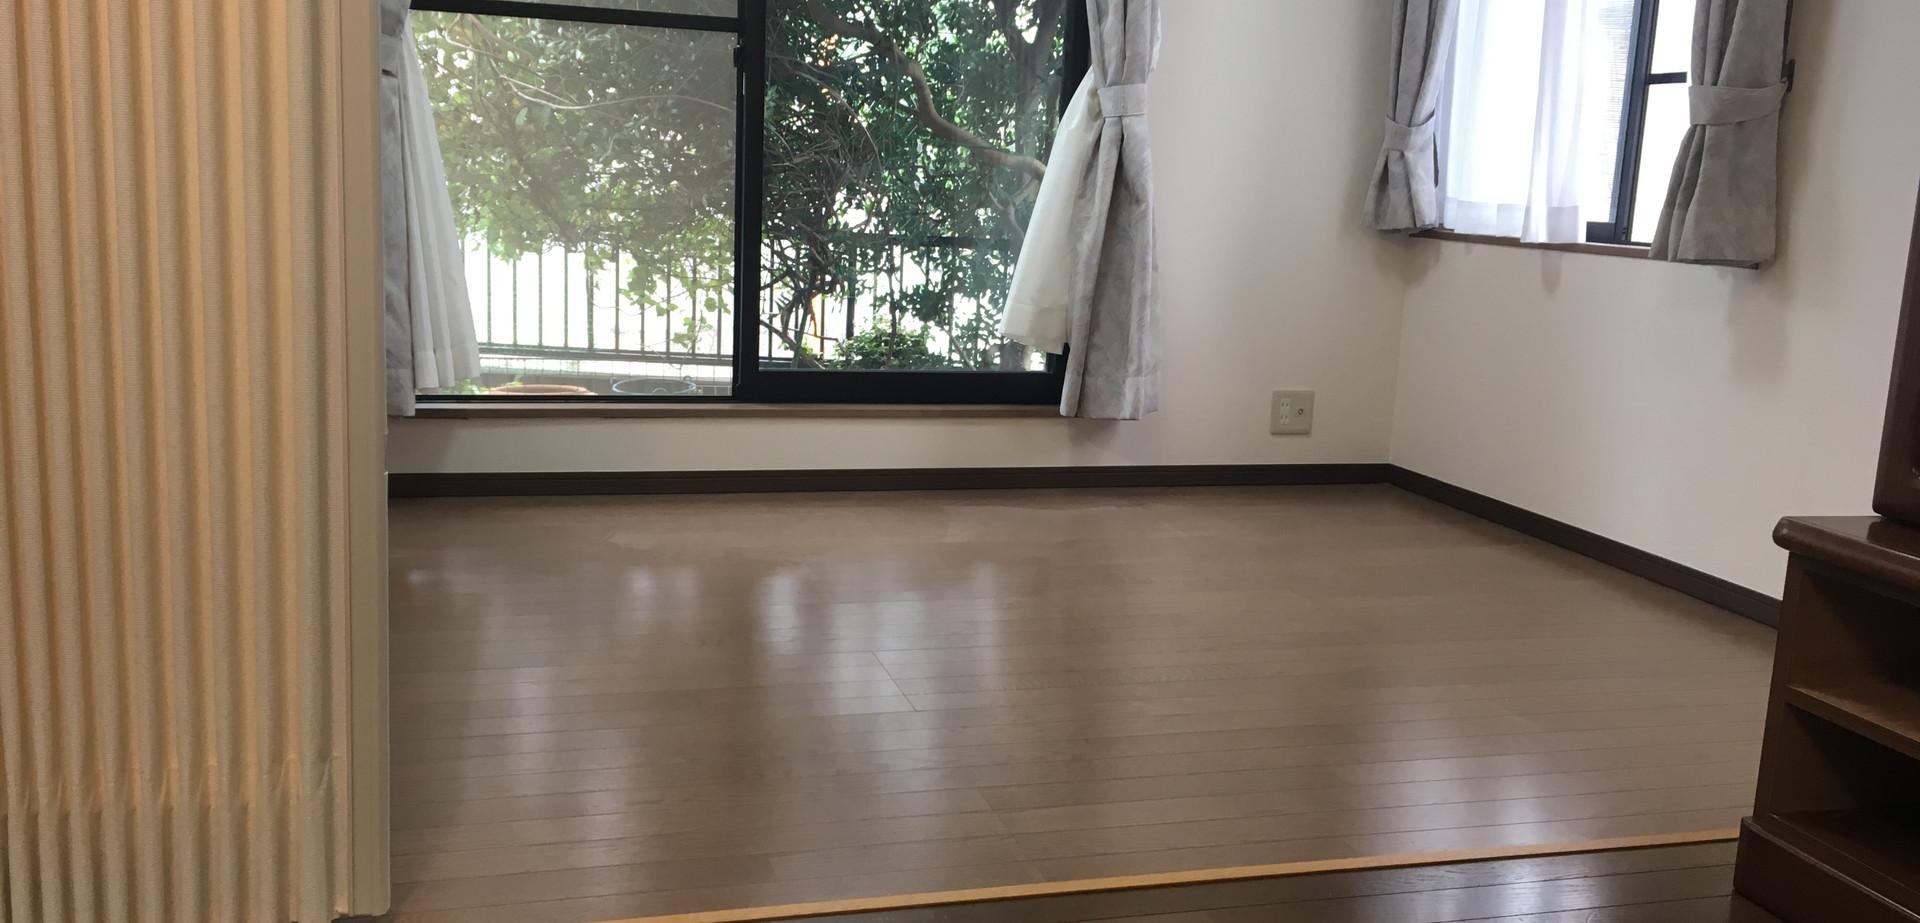 あるゾウリフォーム館 内装のリフォーム  和室を洋室に変更after.jpg